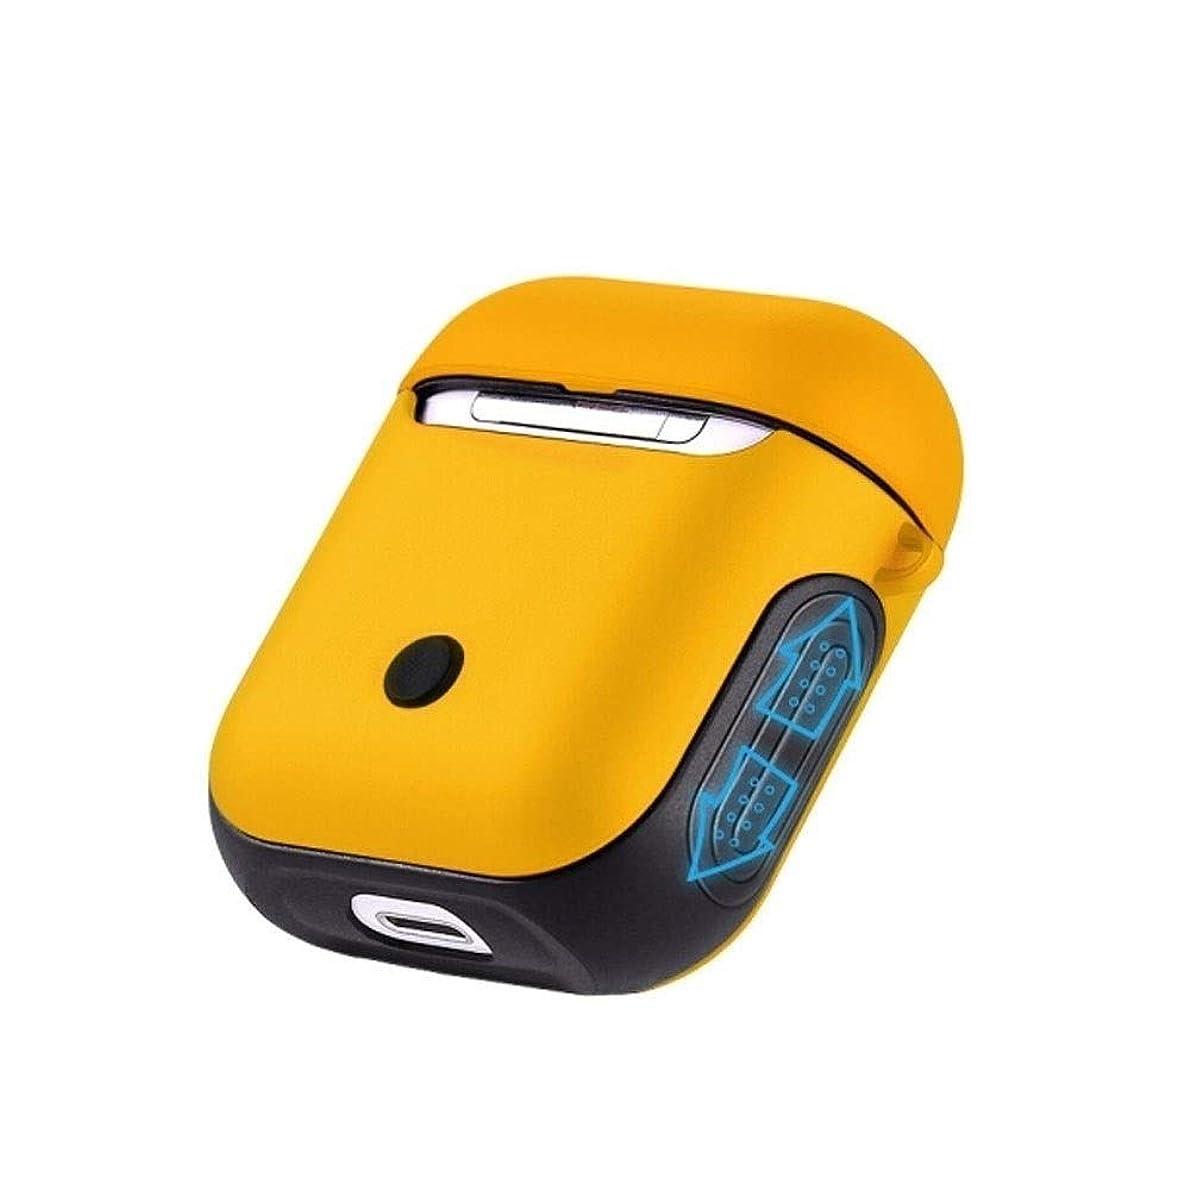 プロポーショナル並外れてユニークなGYHS AirPodsヘッドセットセット、ヘッドフォン充電ボックス、ハードシェルシリコン透明ボックス、白/黄/黒/赤 (Color : Yellow)